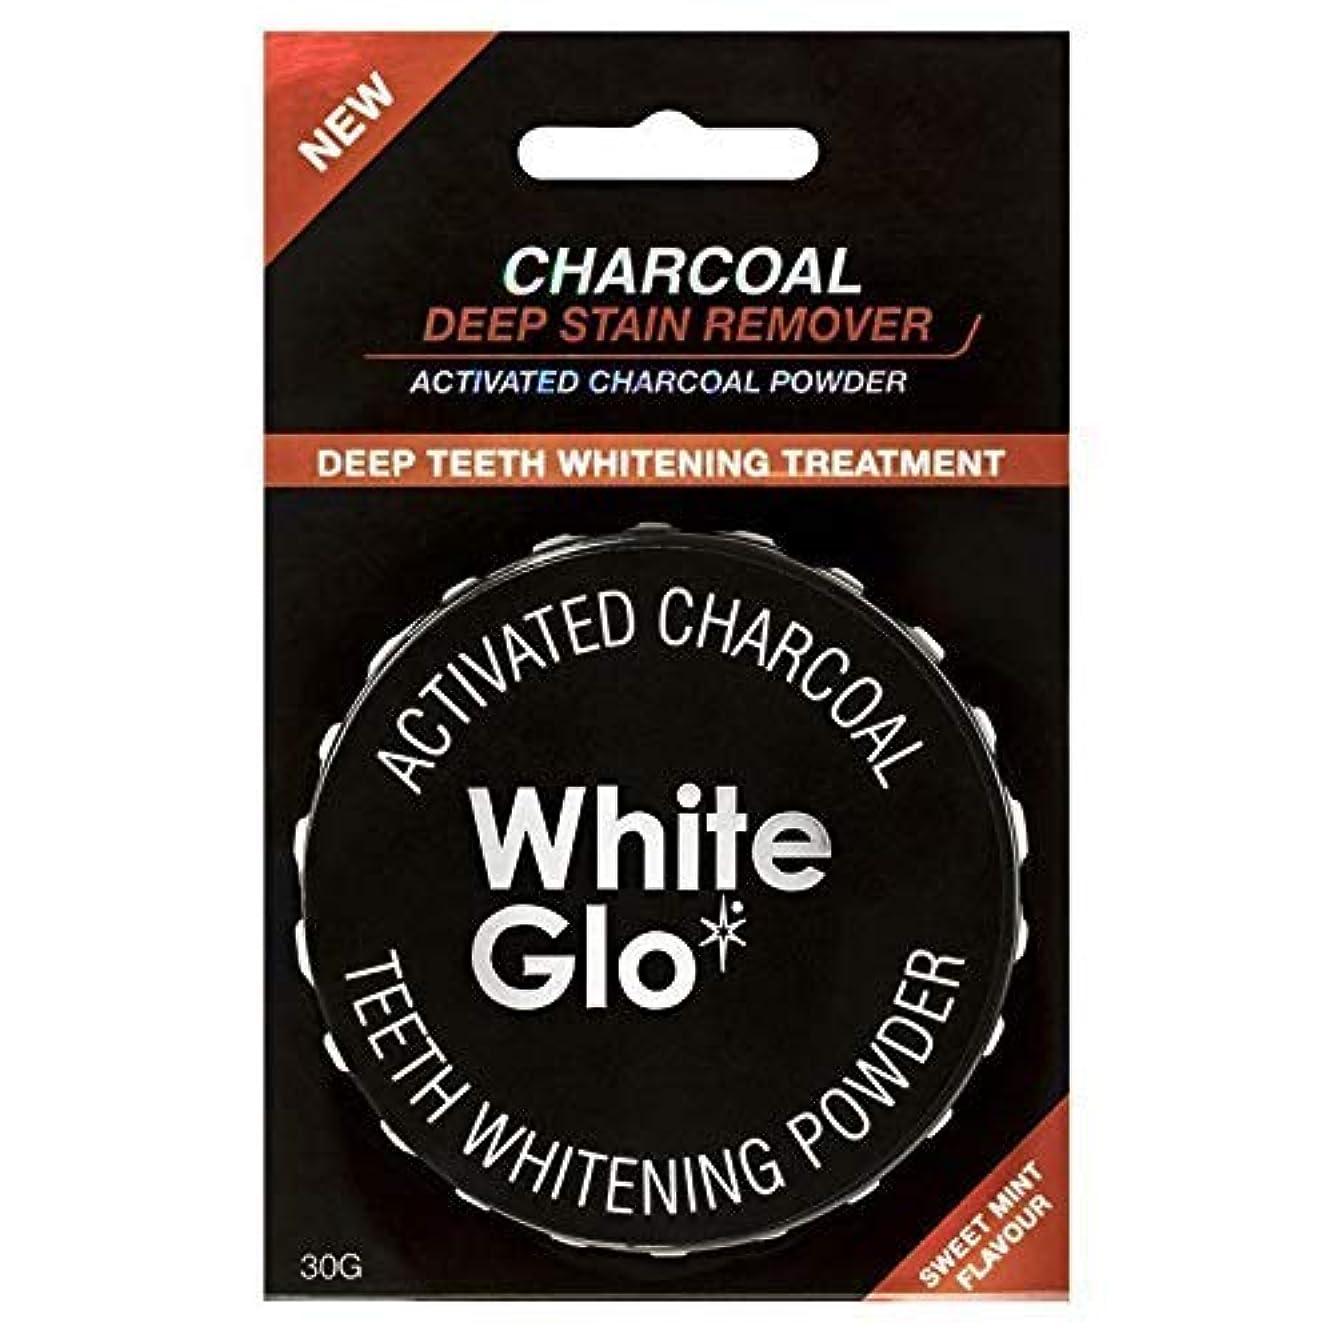 長さ病気のレガシーTeeth Whitening Systems White Glo Activated Charcoal Teeth Whitening Powder 30g Australia / システムを白くする歯を白くする歯の粉...